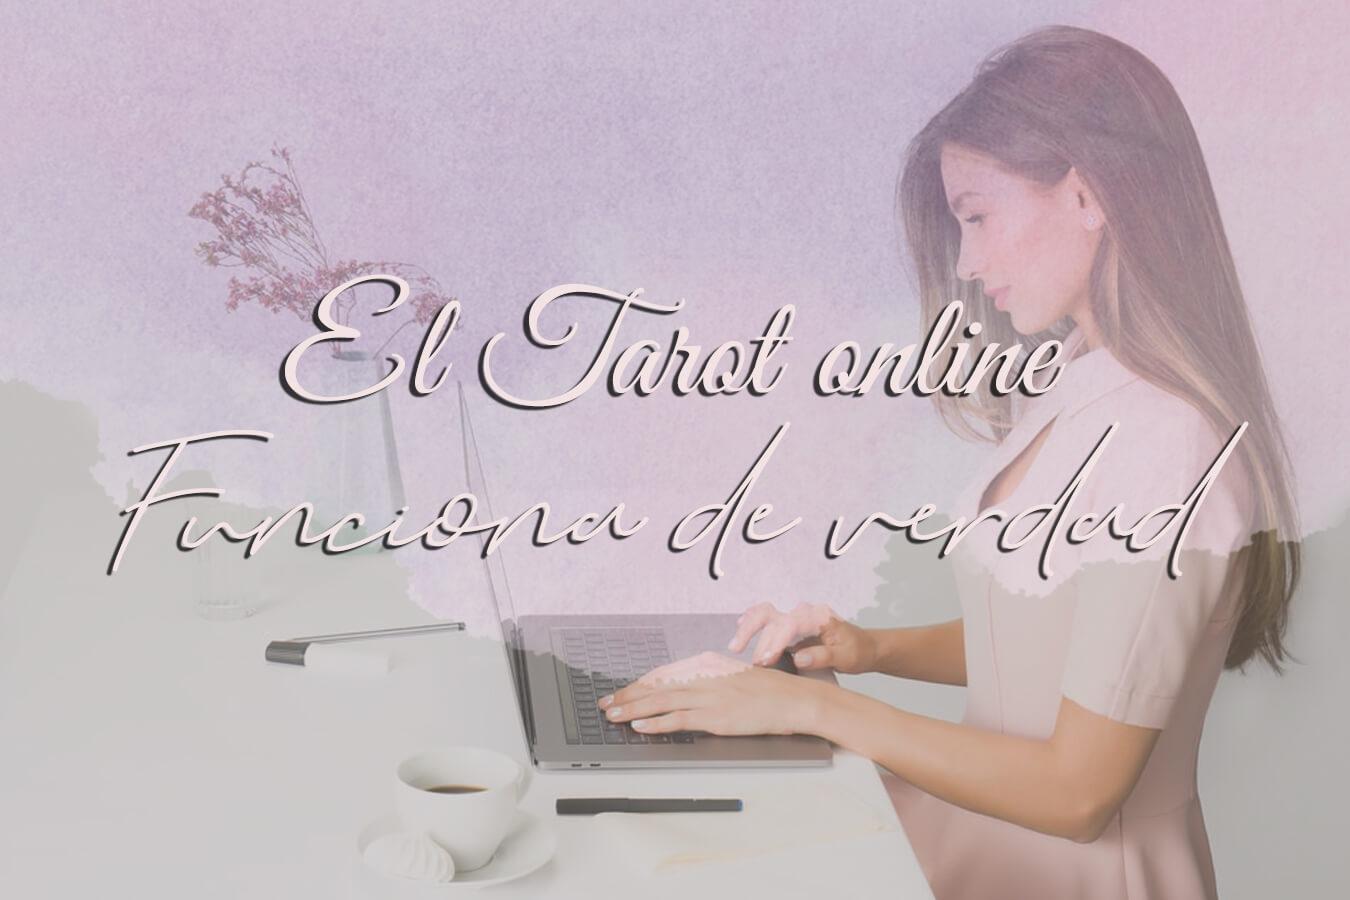 ¿El Tarot online funciona de verdad?